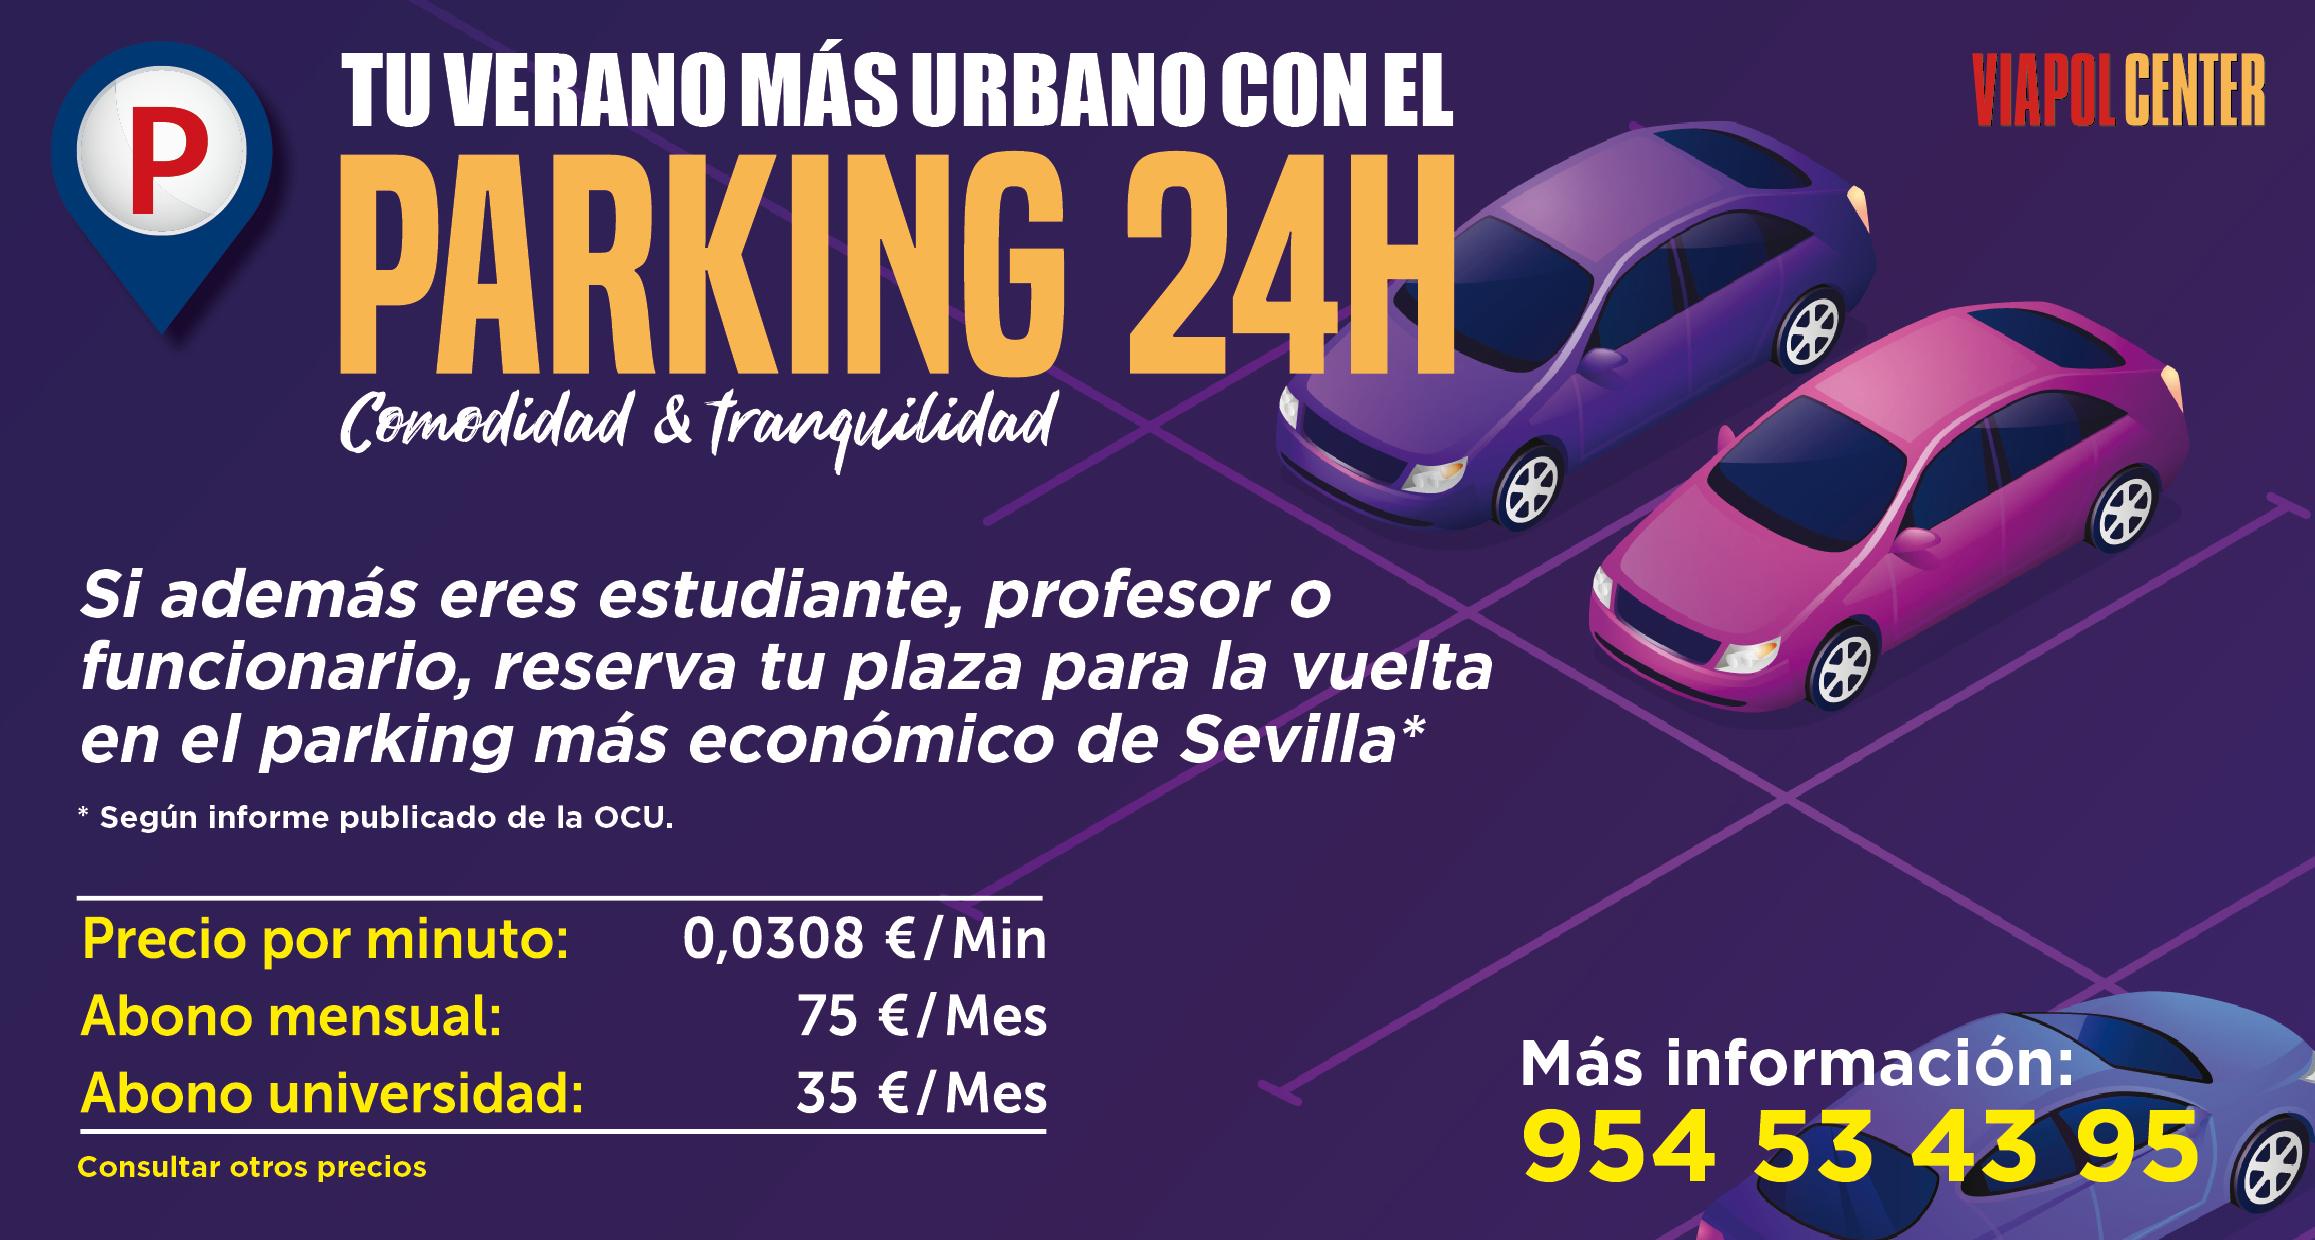 Parking VIAPOLCENTER